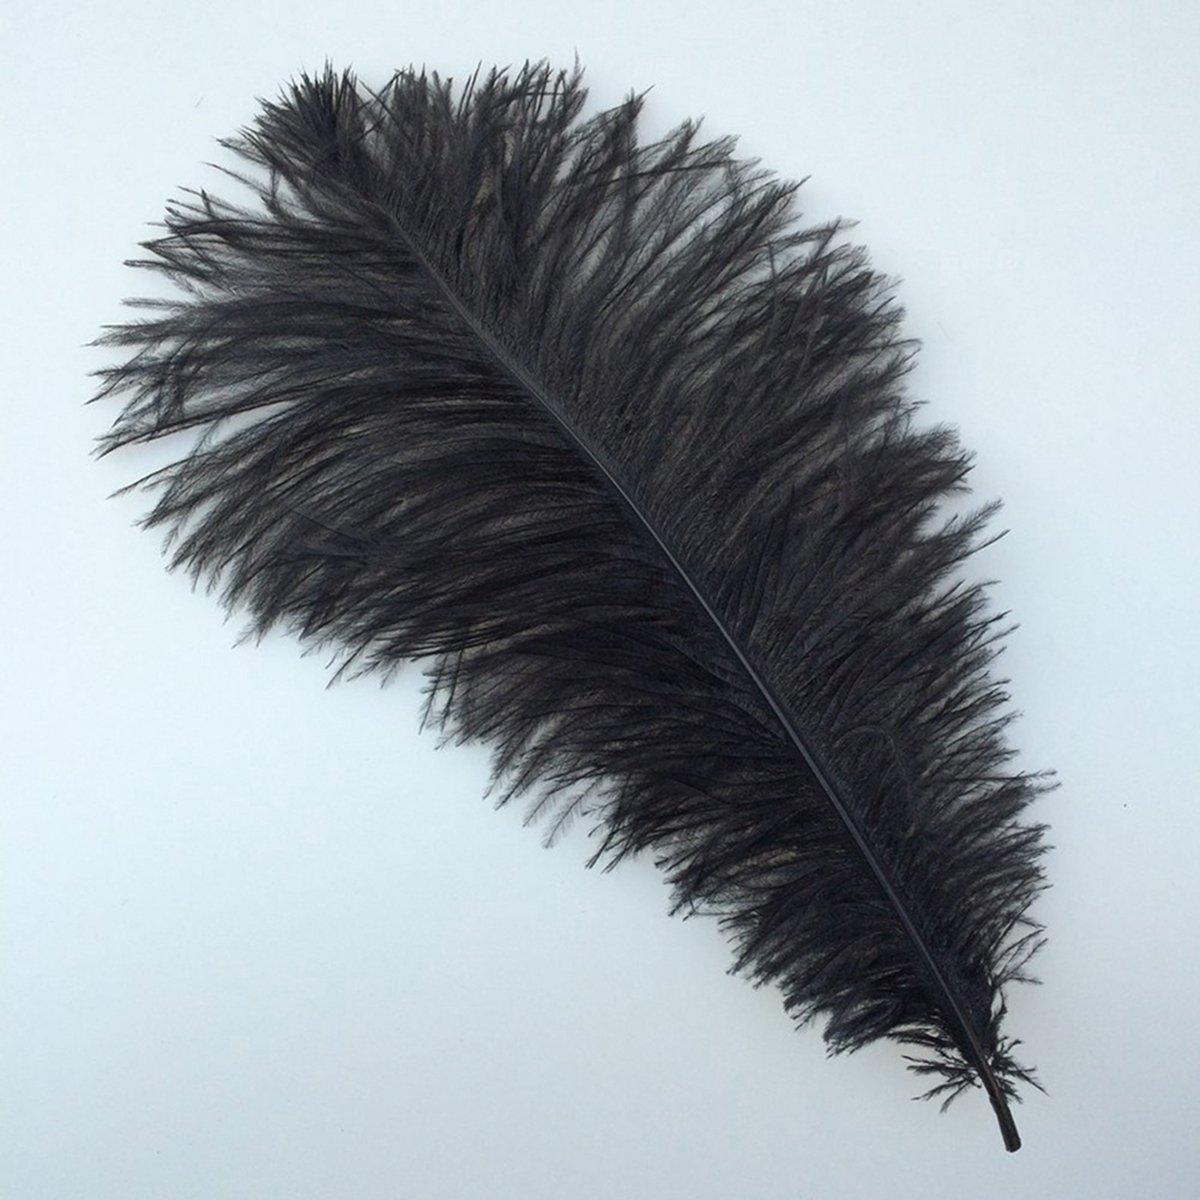 STOBOK Piume di struzzo artificiali piume di decorazione per la festa nuziale vestito maschera 10pcs 30-35 cm nero